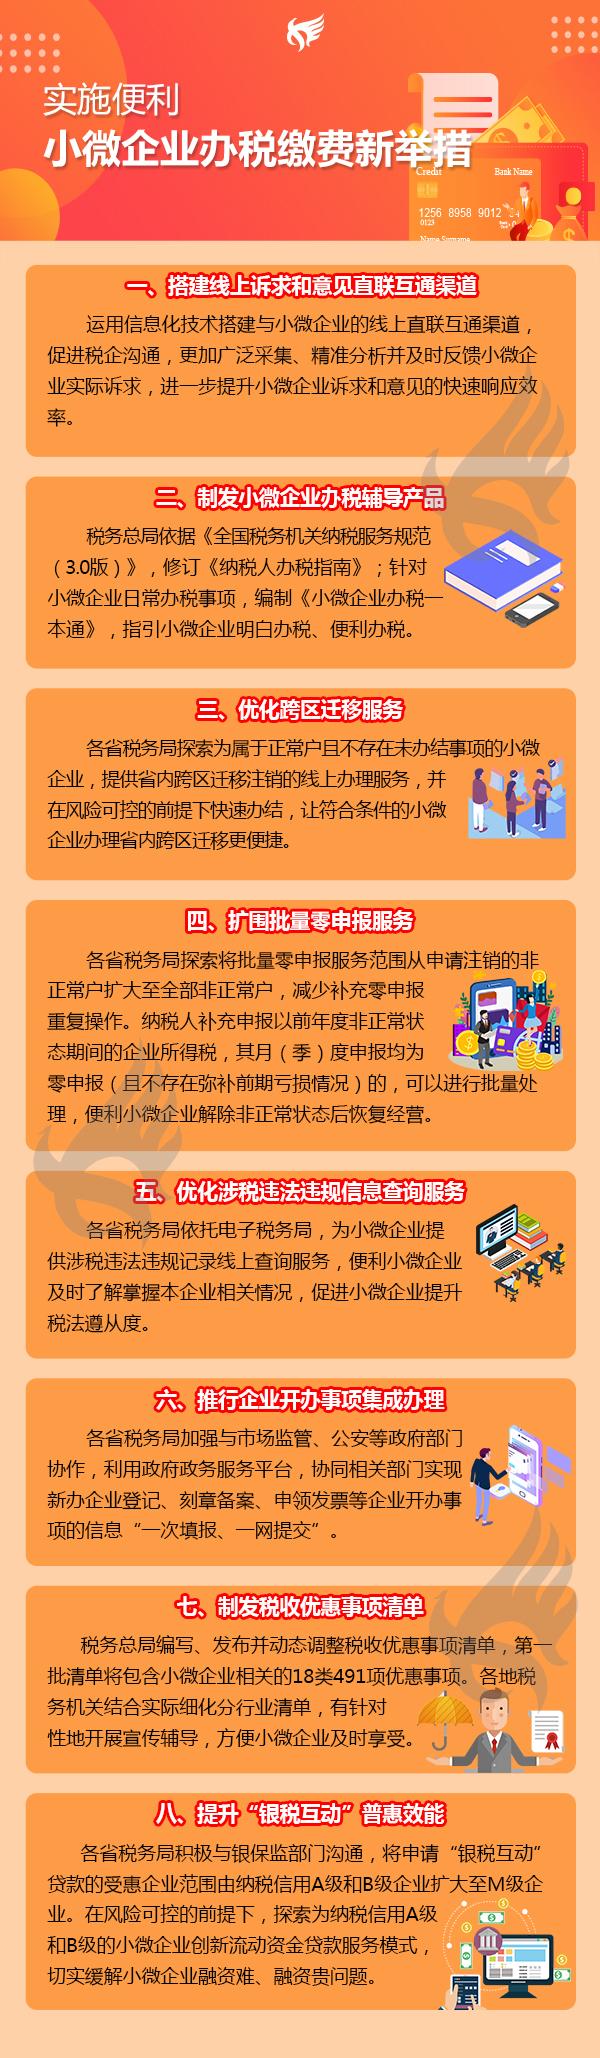 20191127-实施便利小微企业办税缴费新举措.jpg